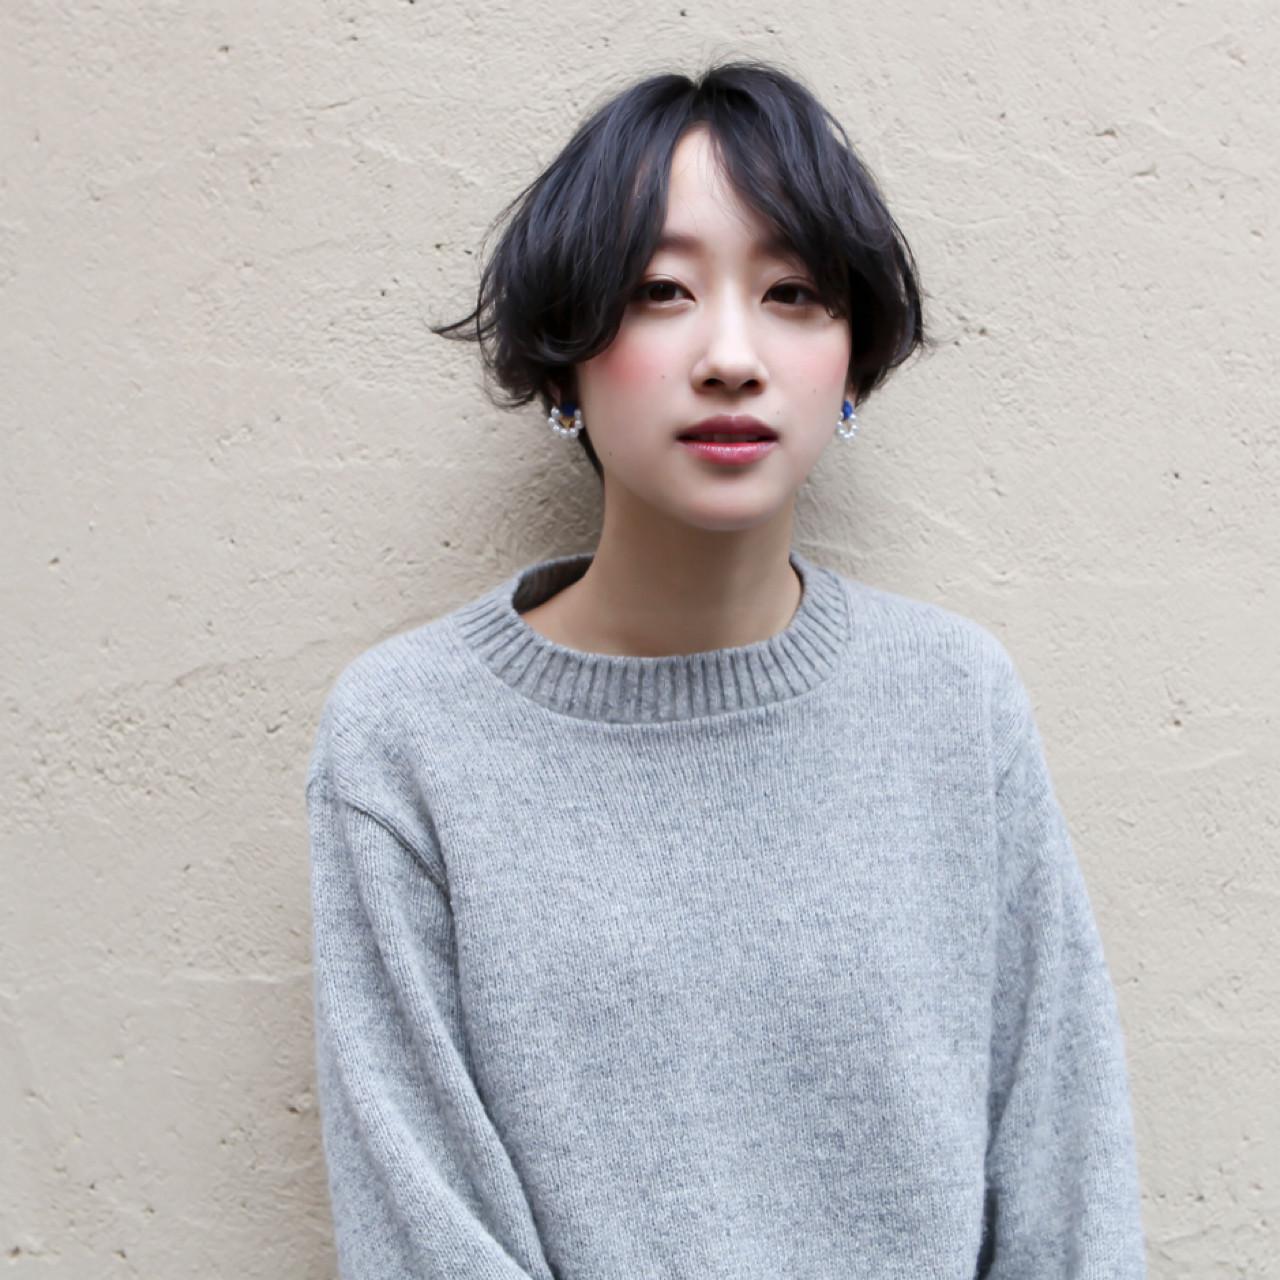 【ショートヘア画像集】こんな髪型にしたい♡真似したくなるヘアスタイル タカハシ アヤミ